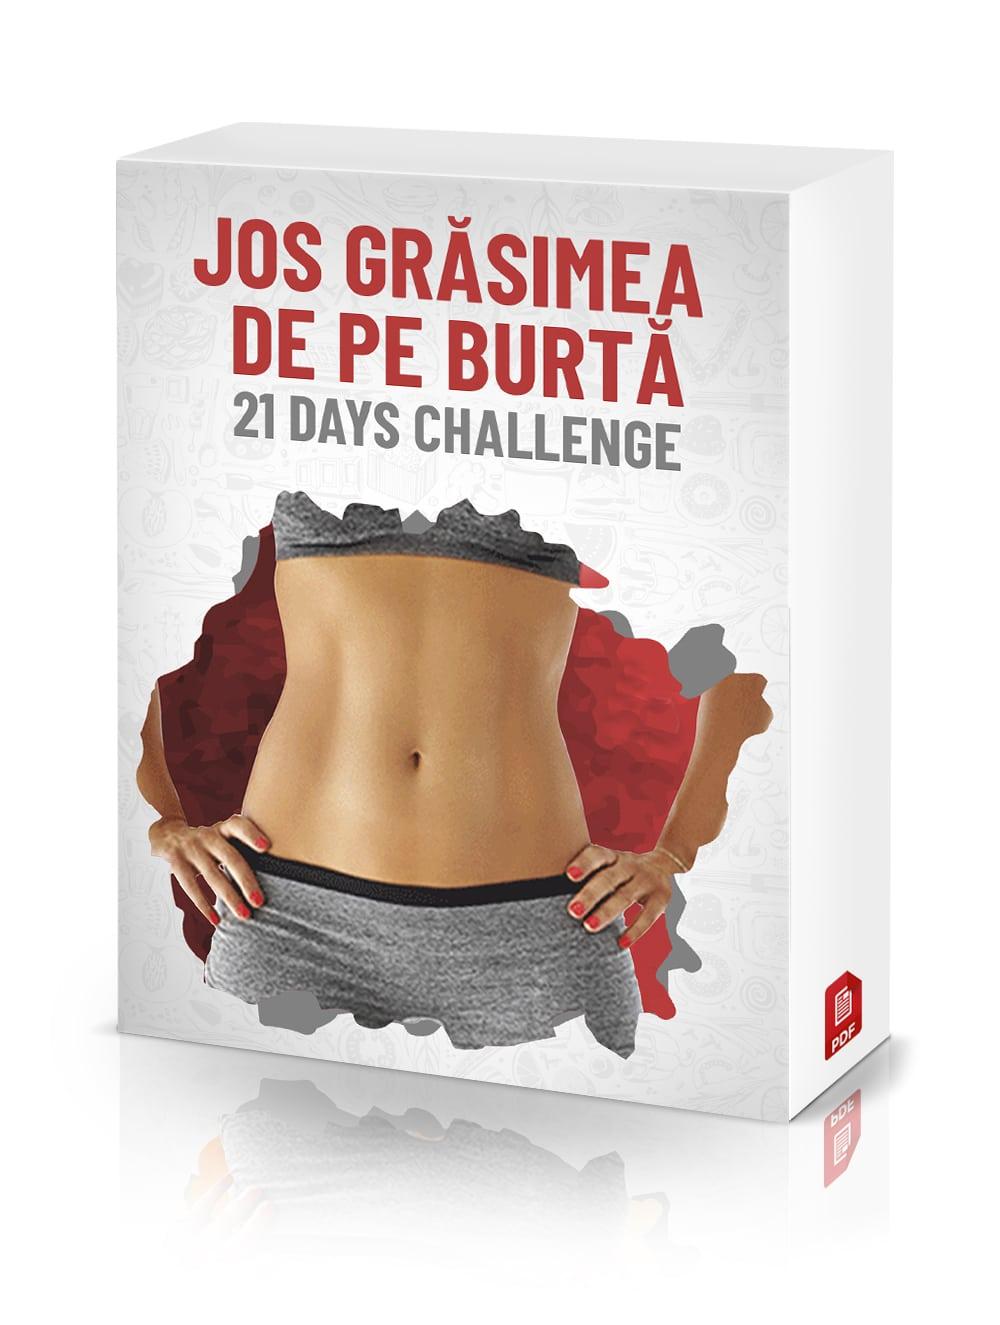 JOS GRASIMEA DE PE BURTA – 21 Days Challenge